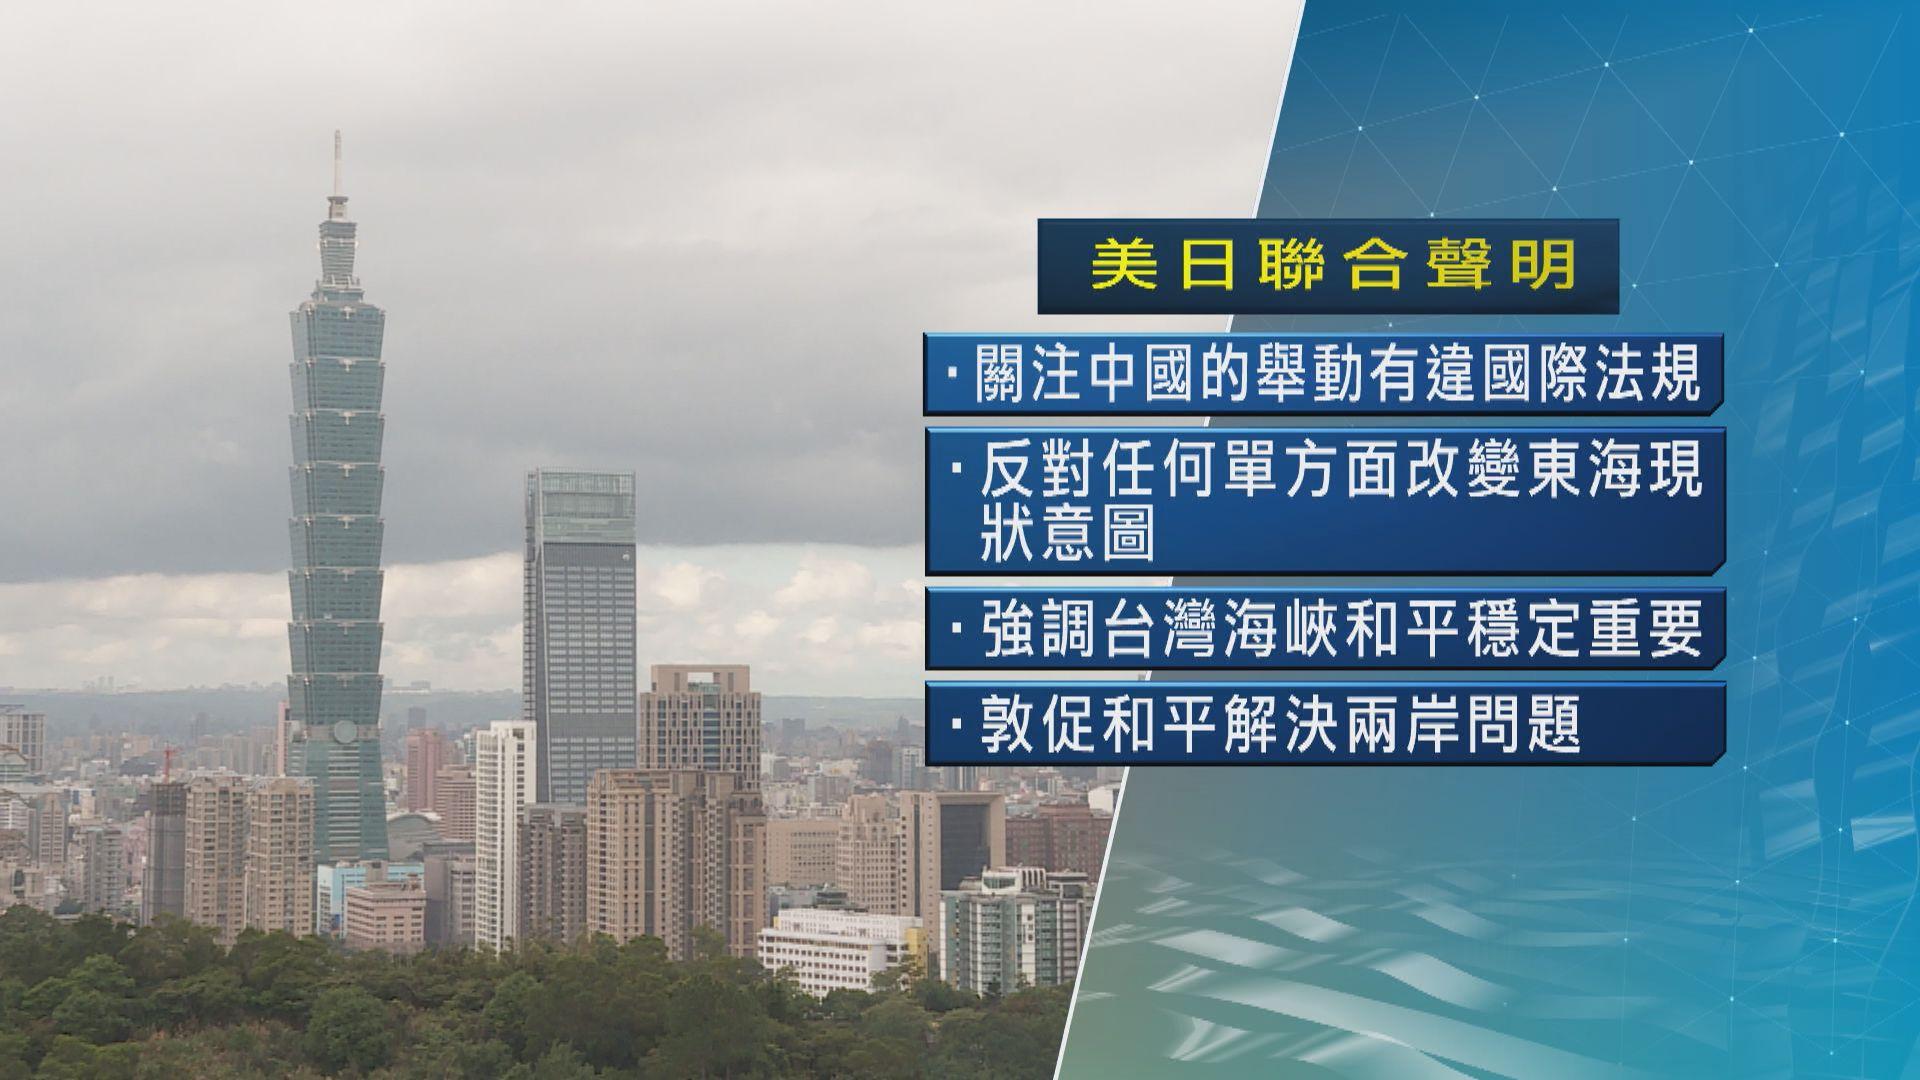 美日52年來首度在聯合聲明提及台灣 促和平解決兩岸問題